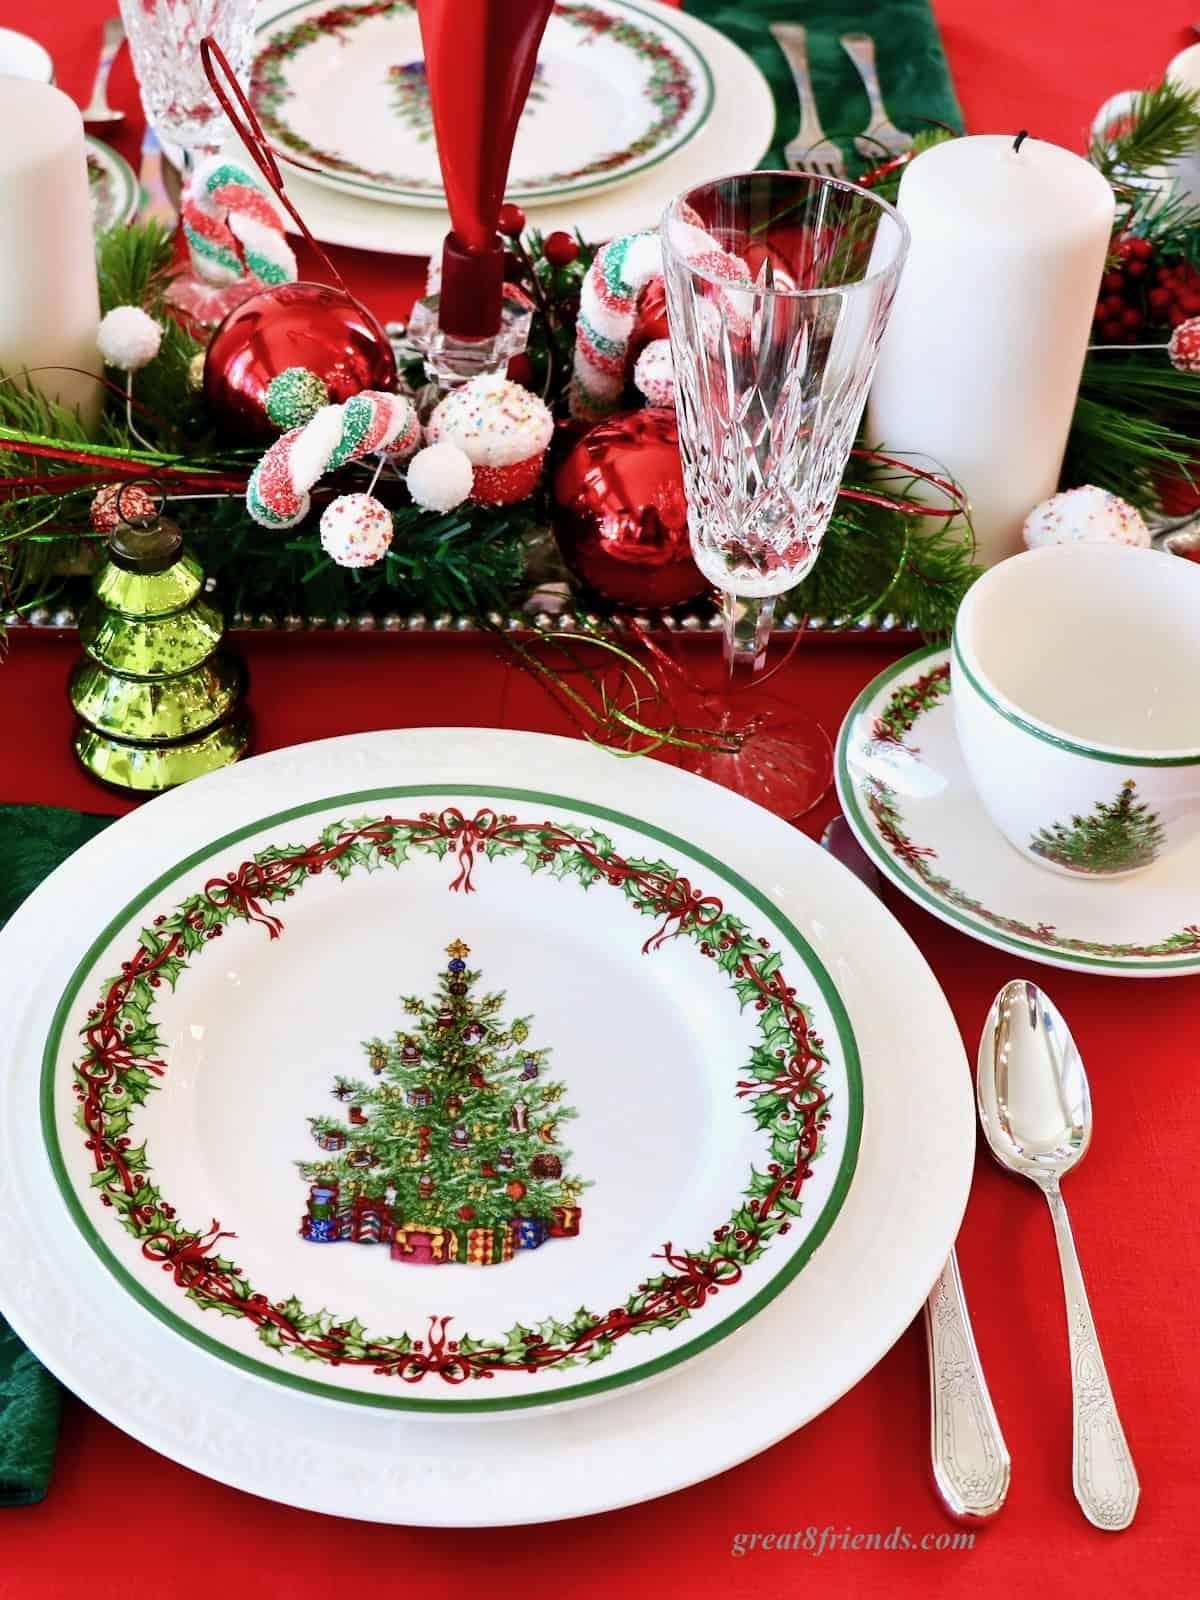 Christmas table setting with Christmas tree plates.